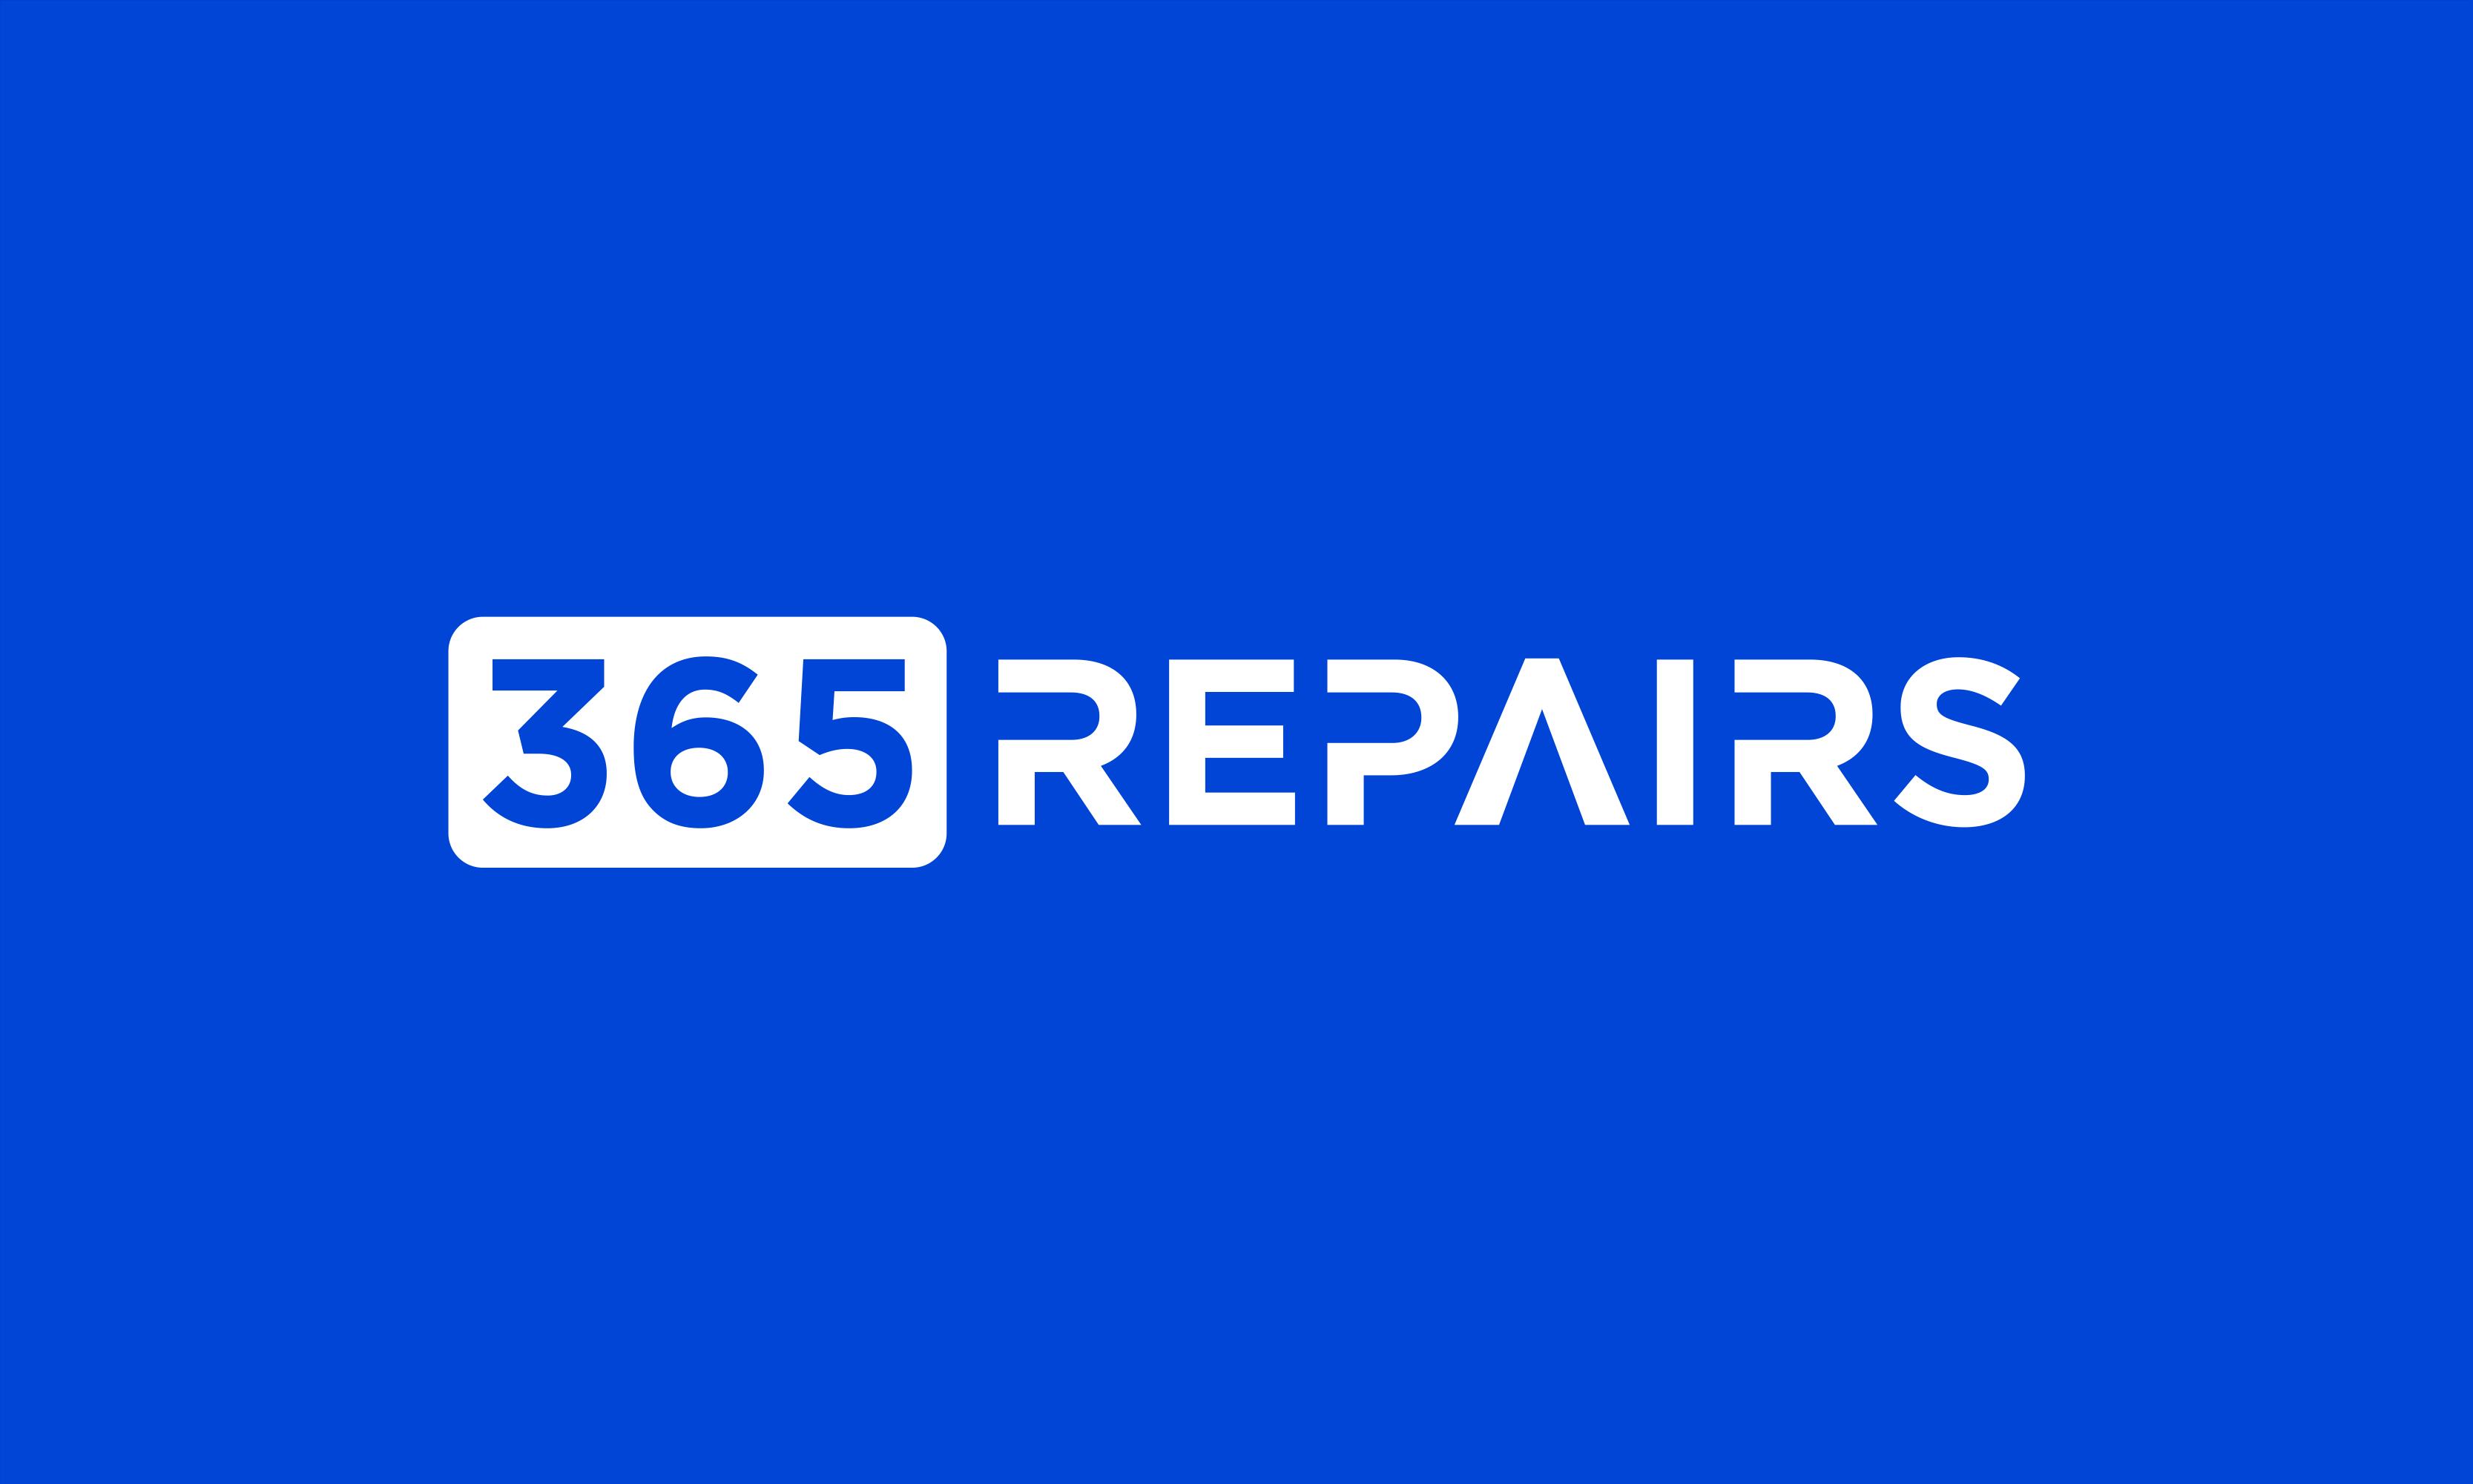 365repairs